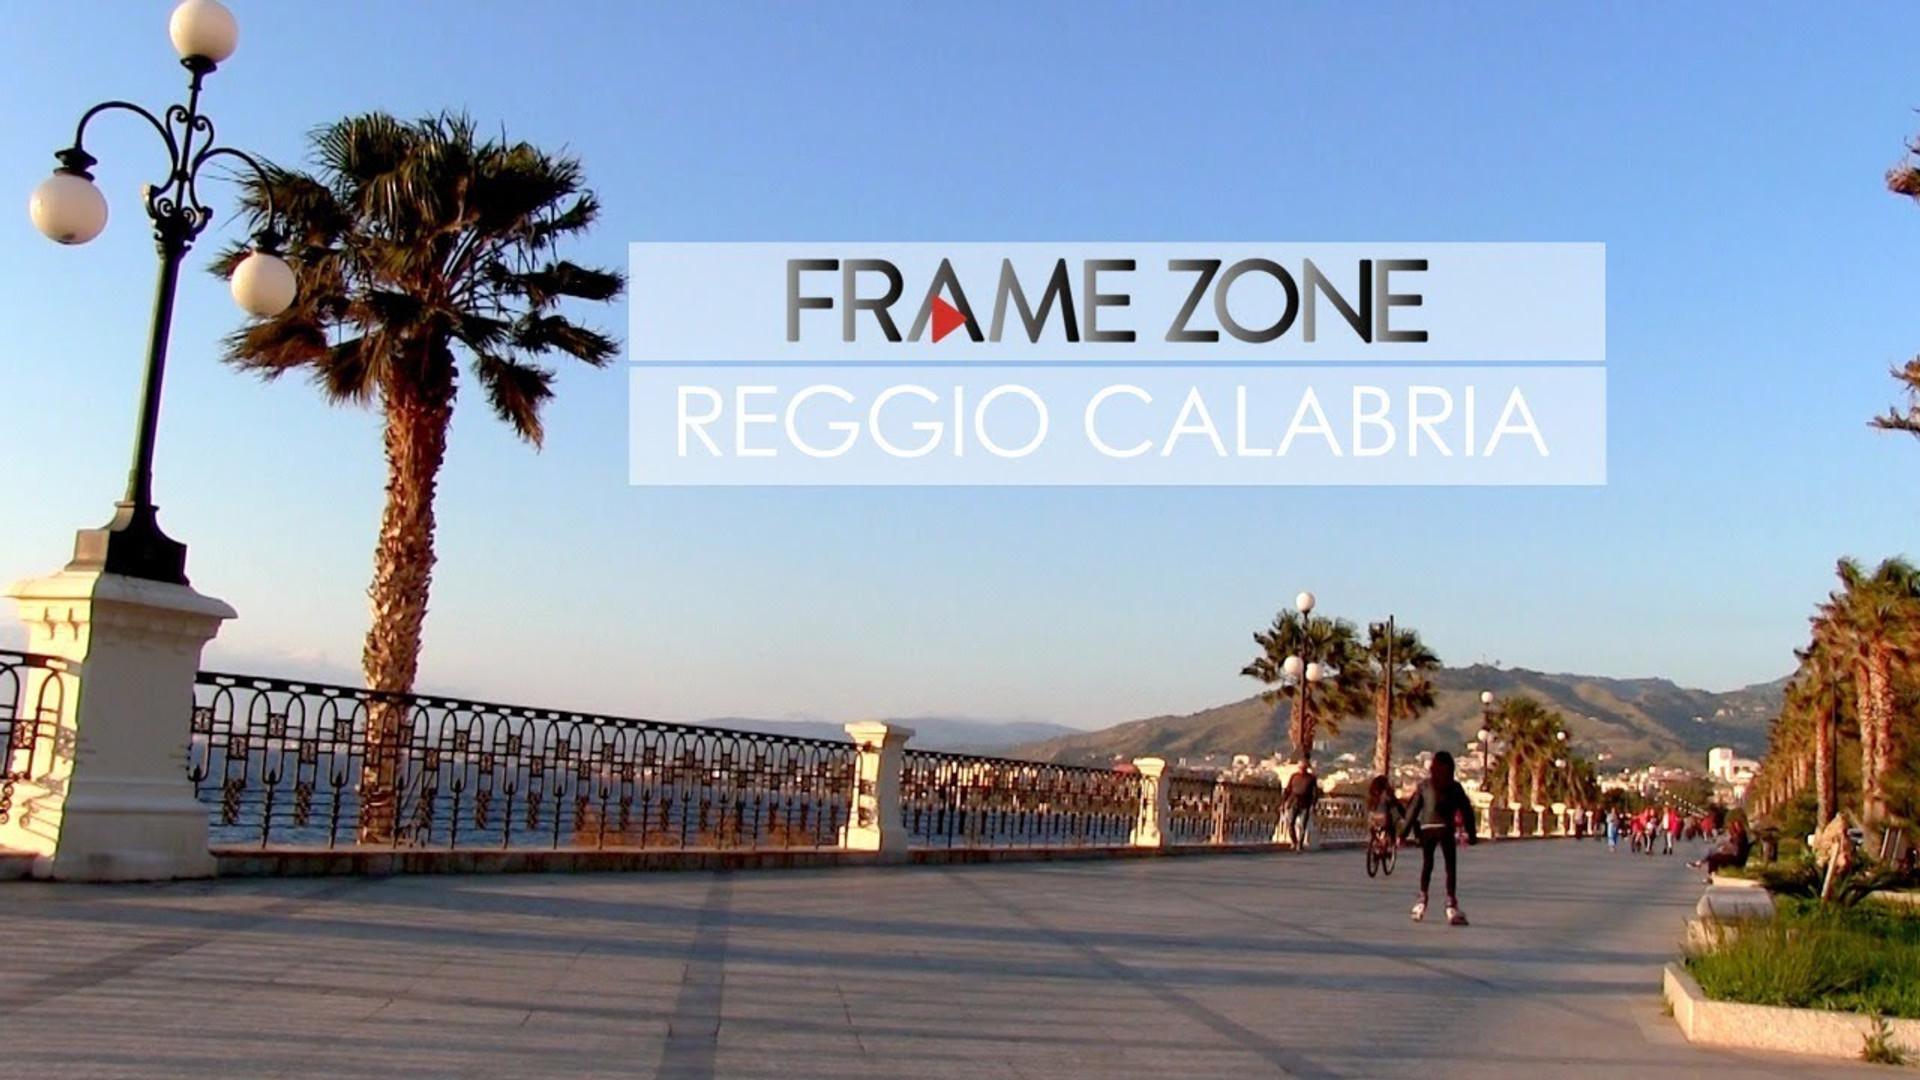 Conoscere Reggio calabria - Framezone